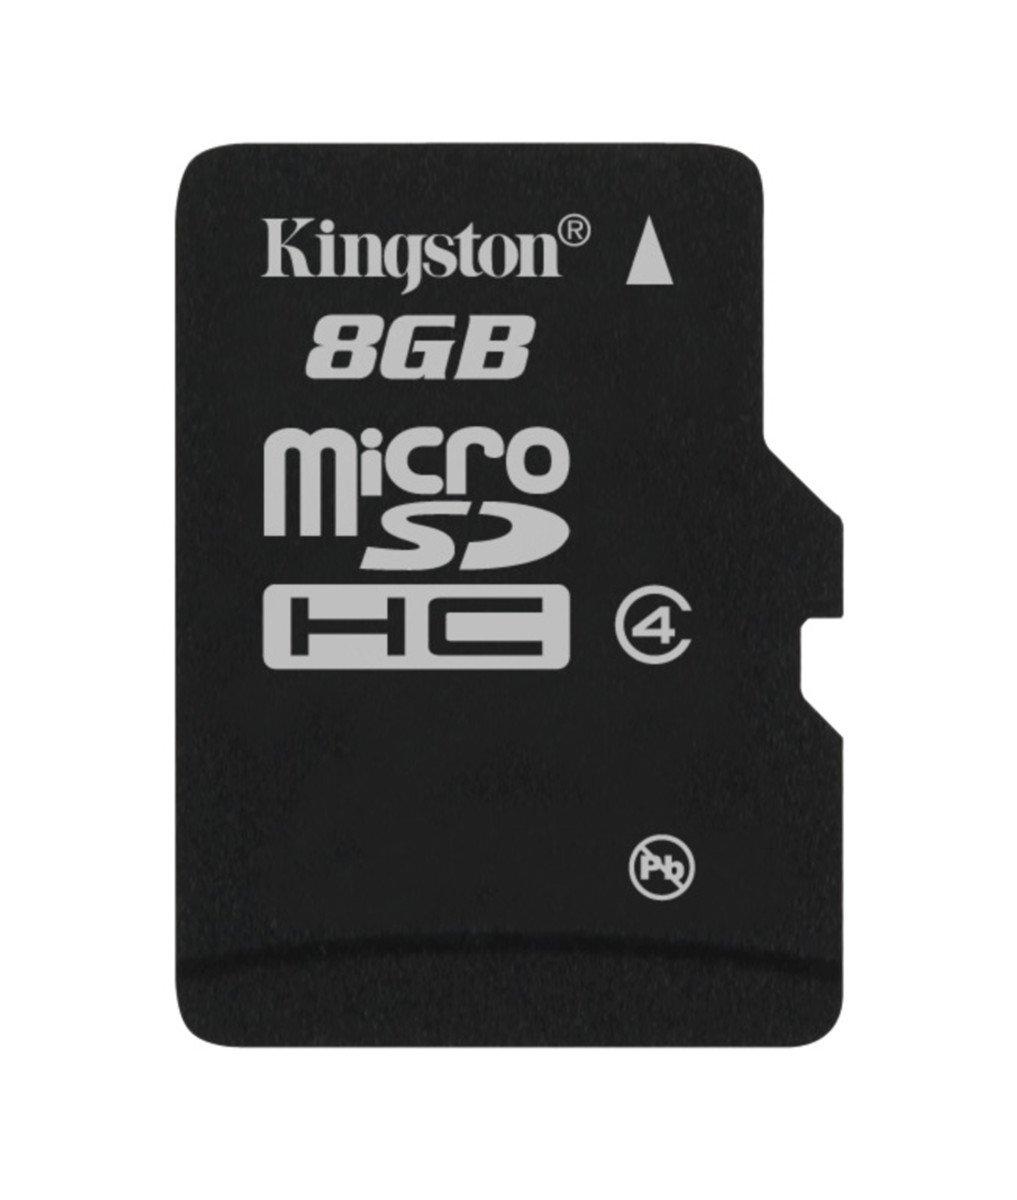 キングストン microSDHC カード 8GB クラス 4 カードのみ SDC4/8GBSP 永久保証